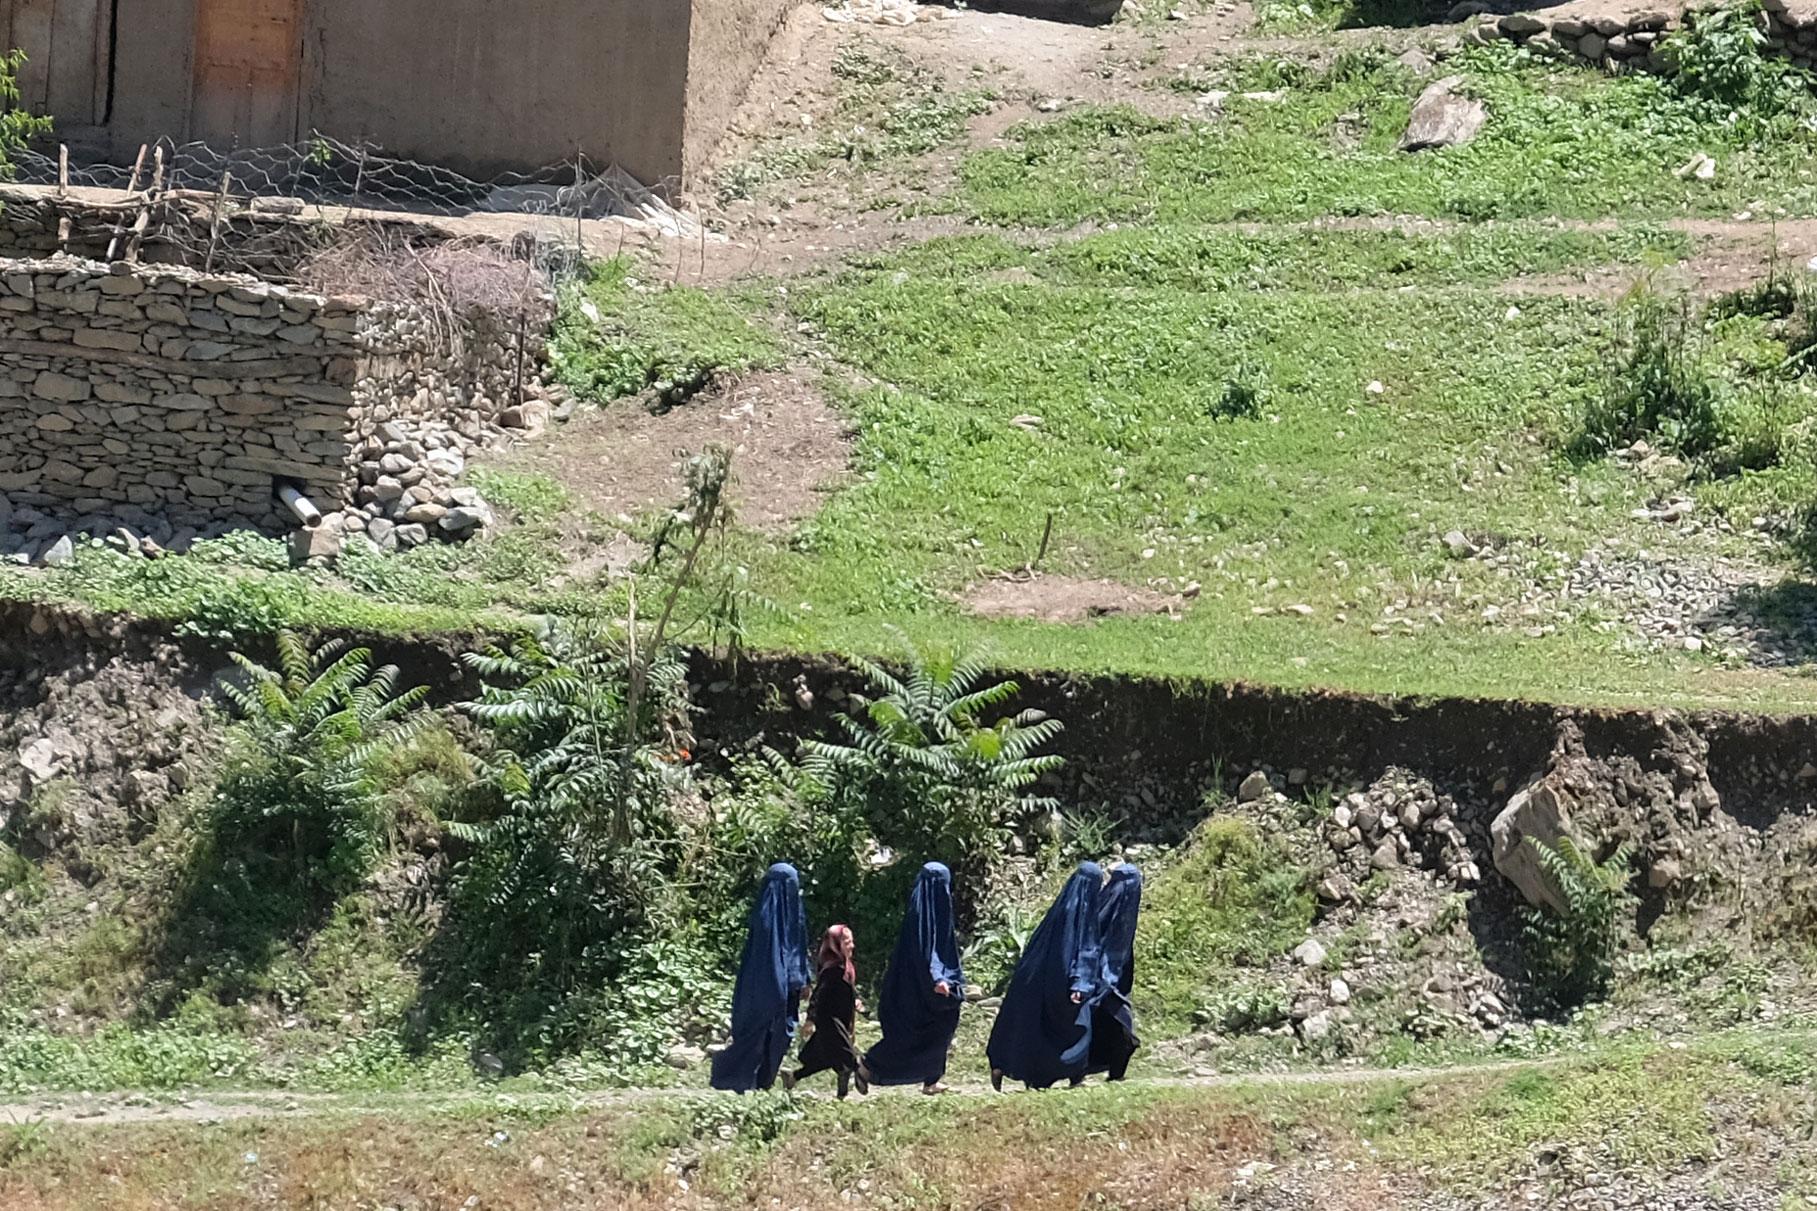 Afghanische Schulmädchen mit Burka bekleidet.